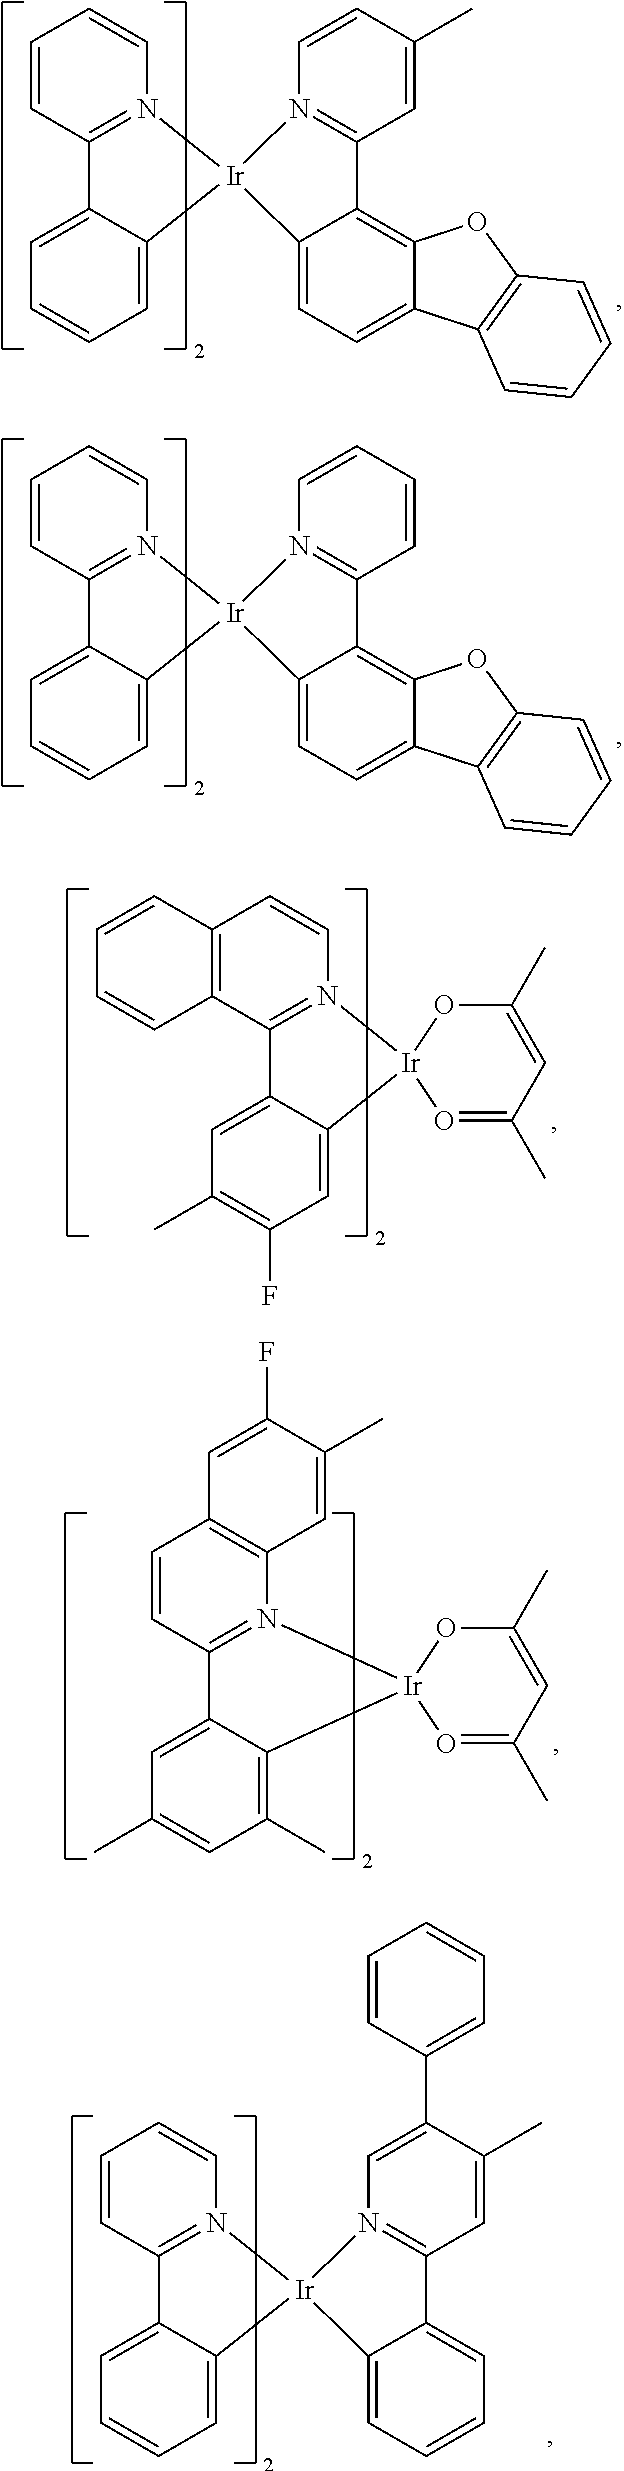 Figure US20180130962A1-20180510-C00188